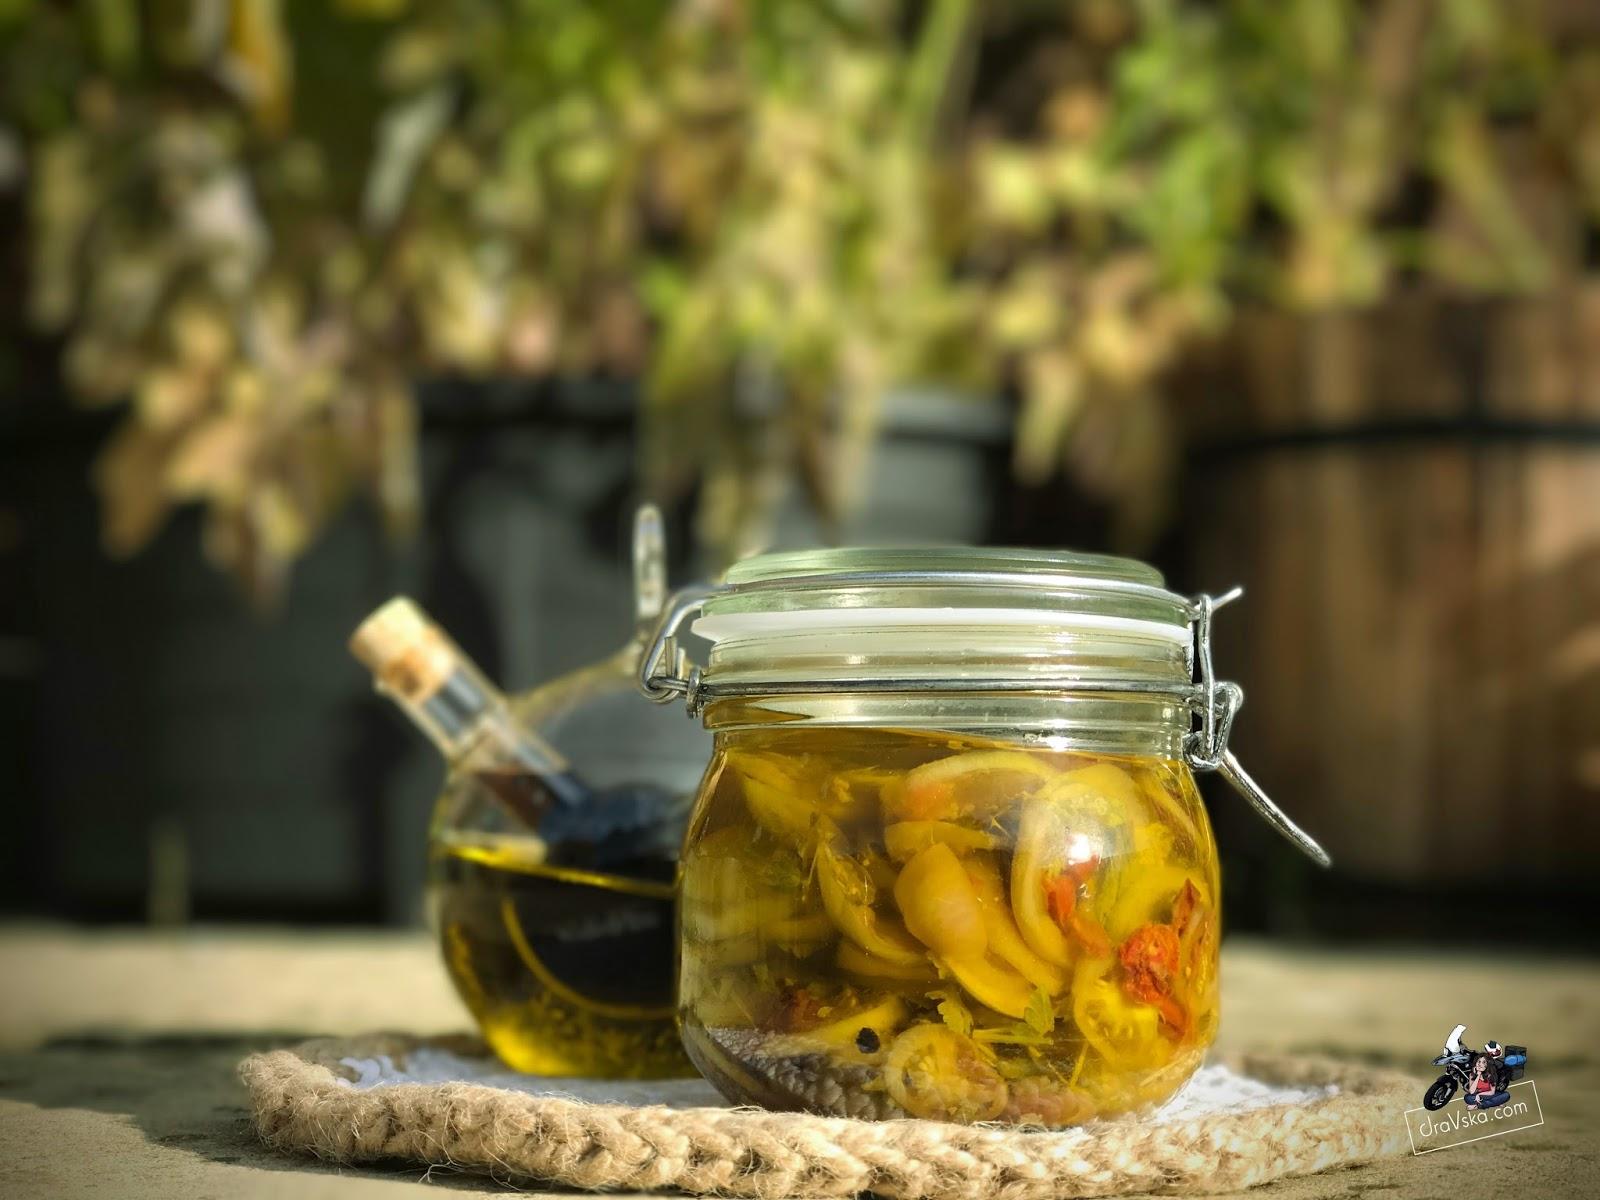 Włoska sałatka z Zielonych pomidorów w oliwie - pyszna!